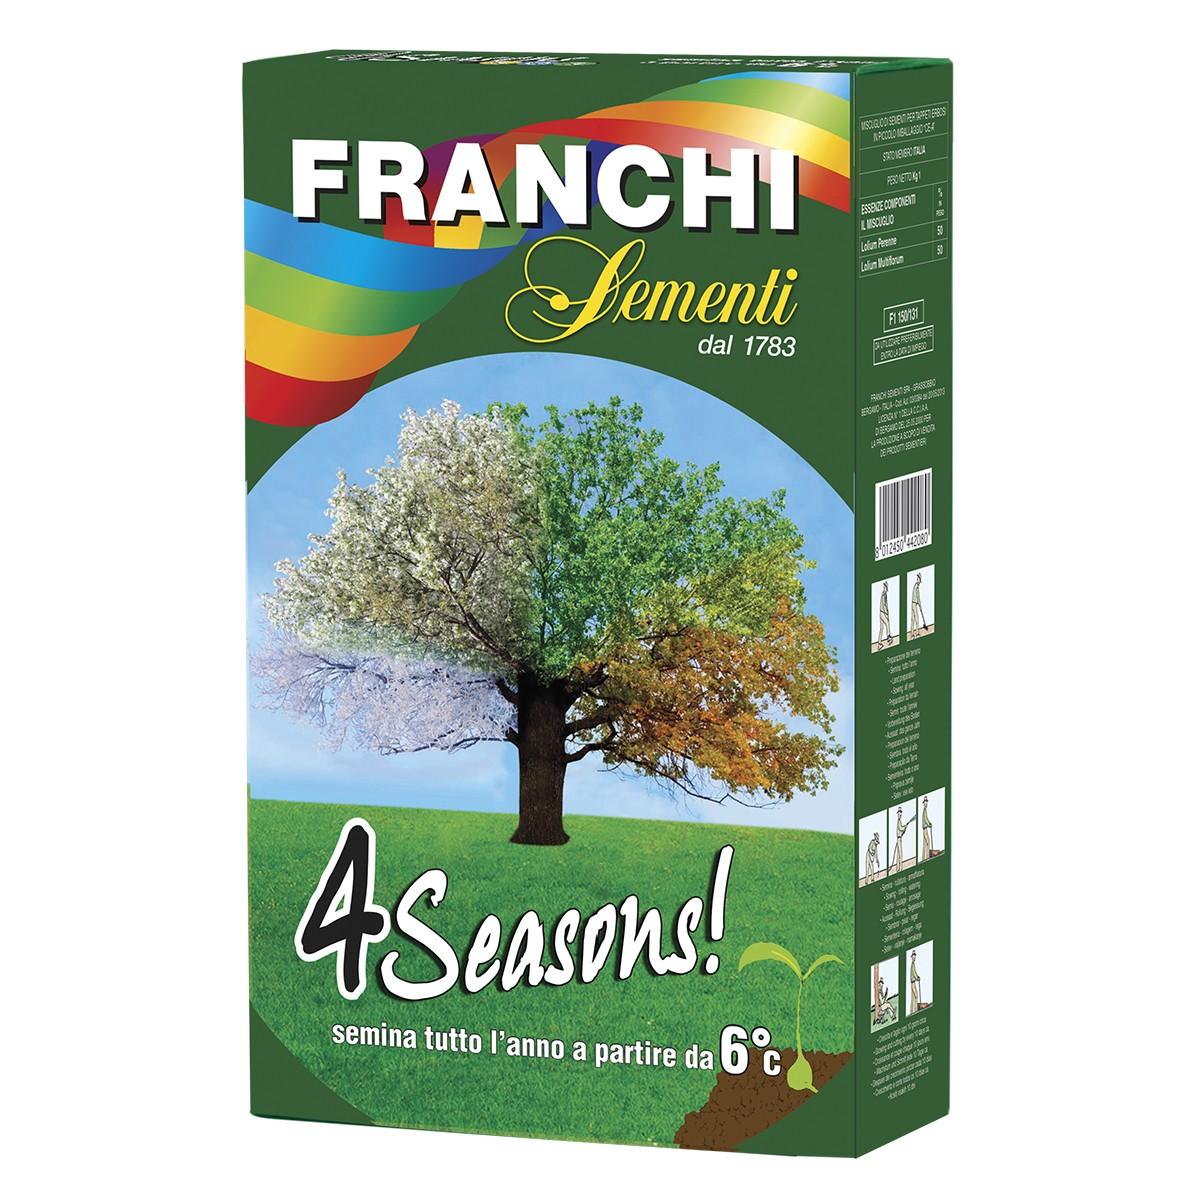 Prato Sos 4 Seasons 1 Kg